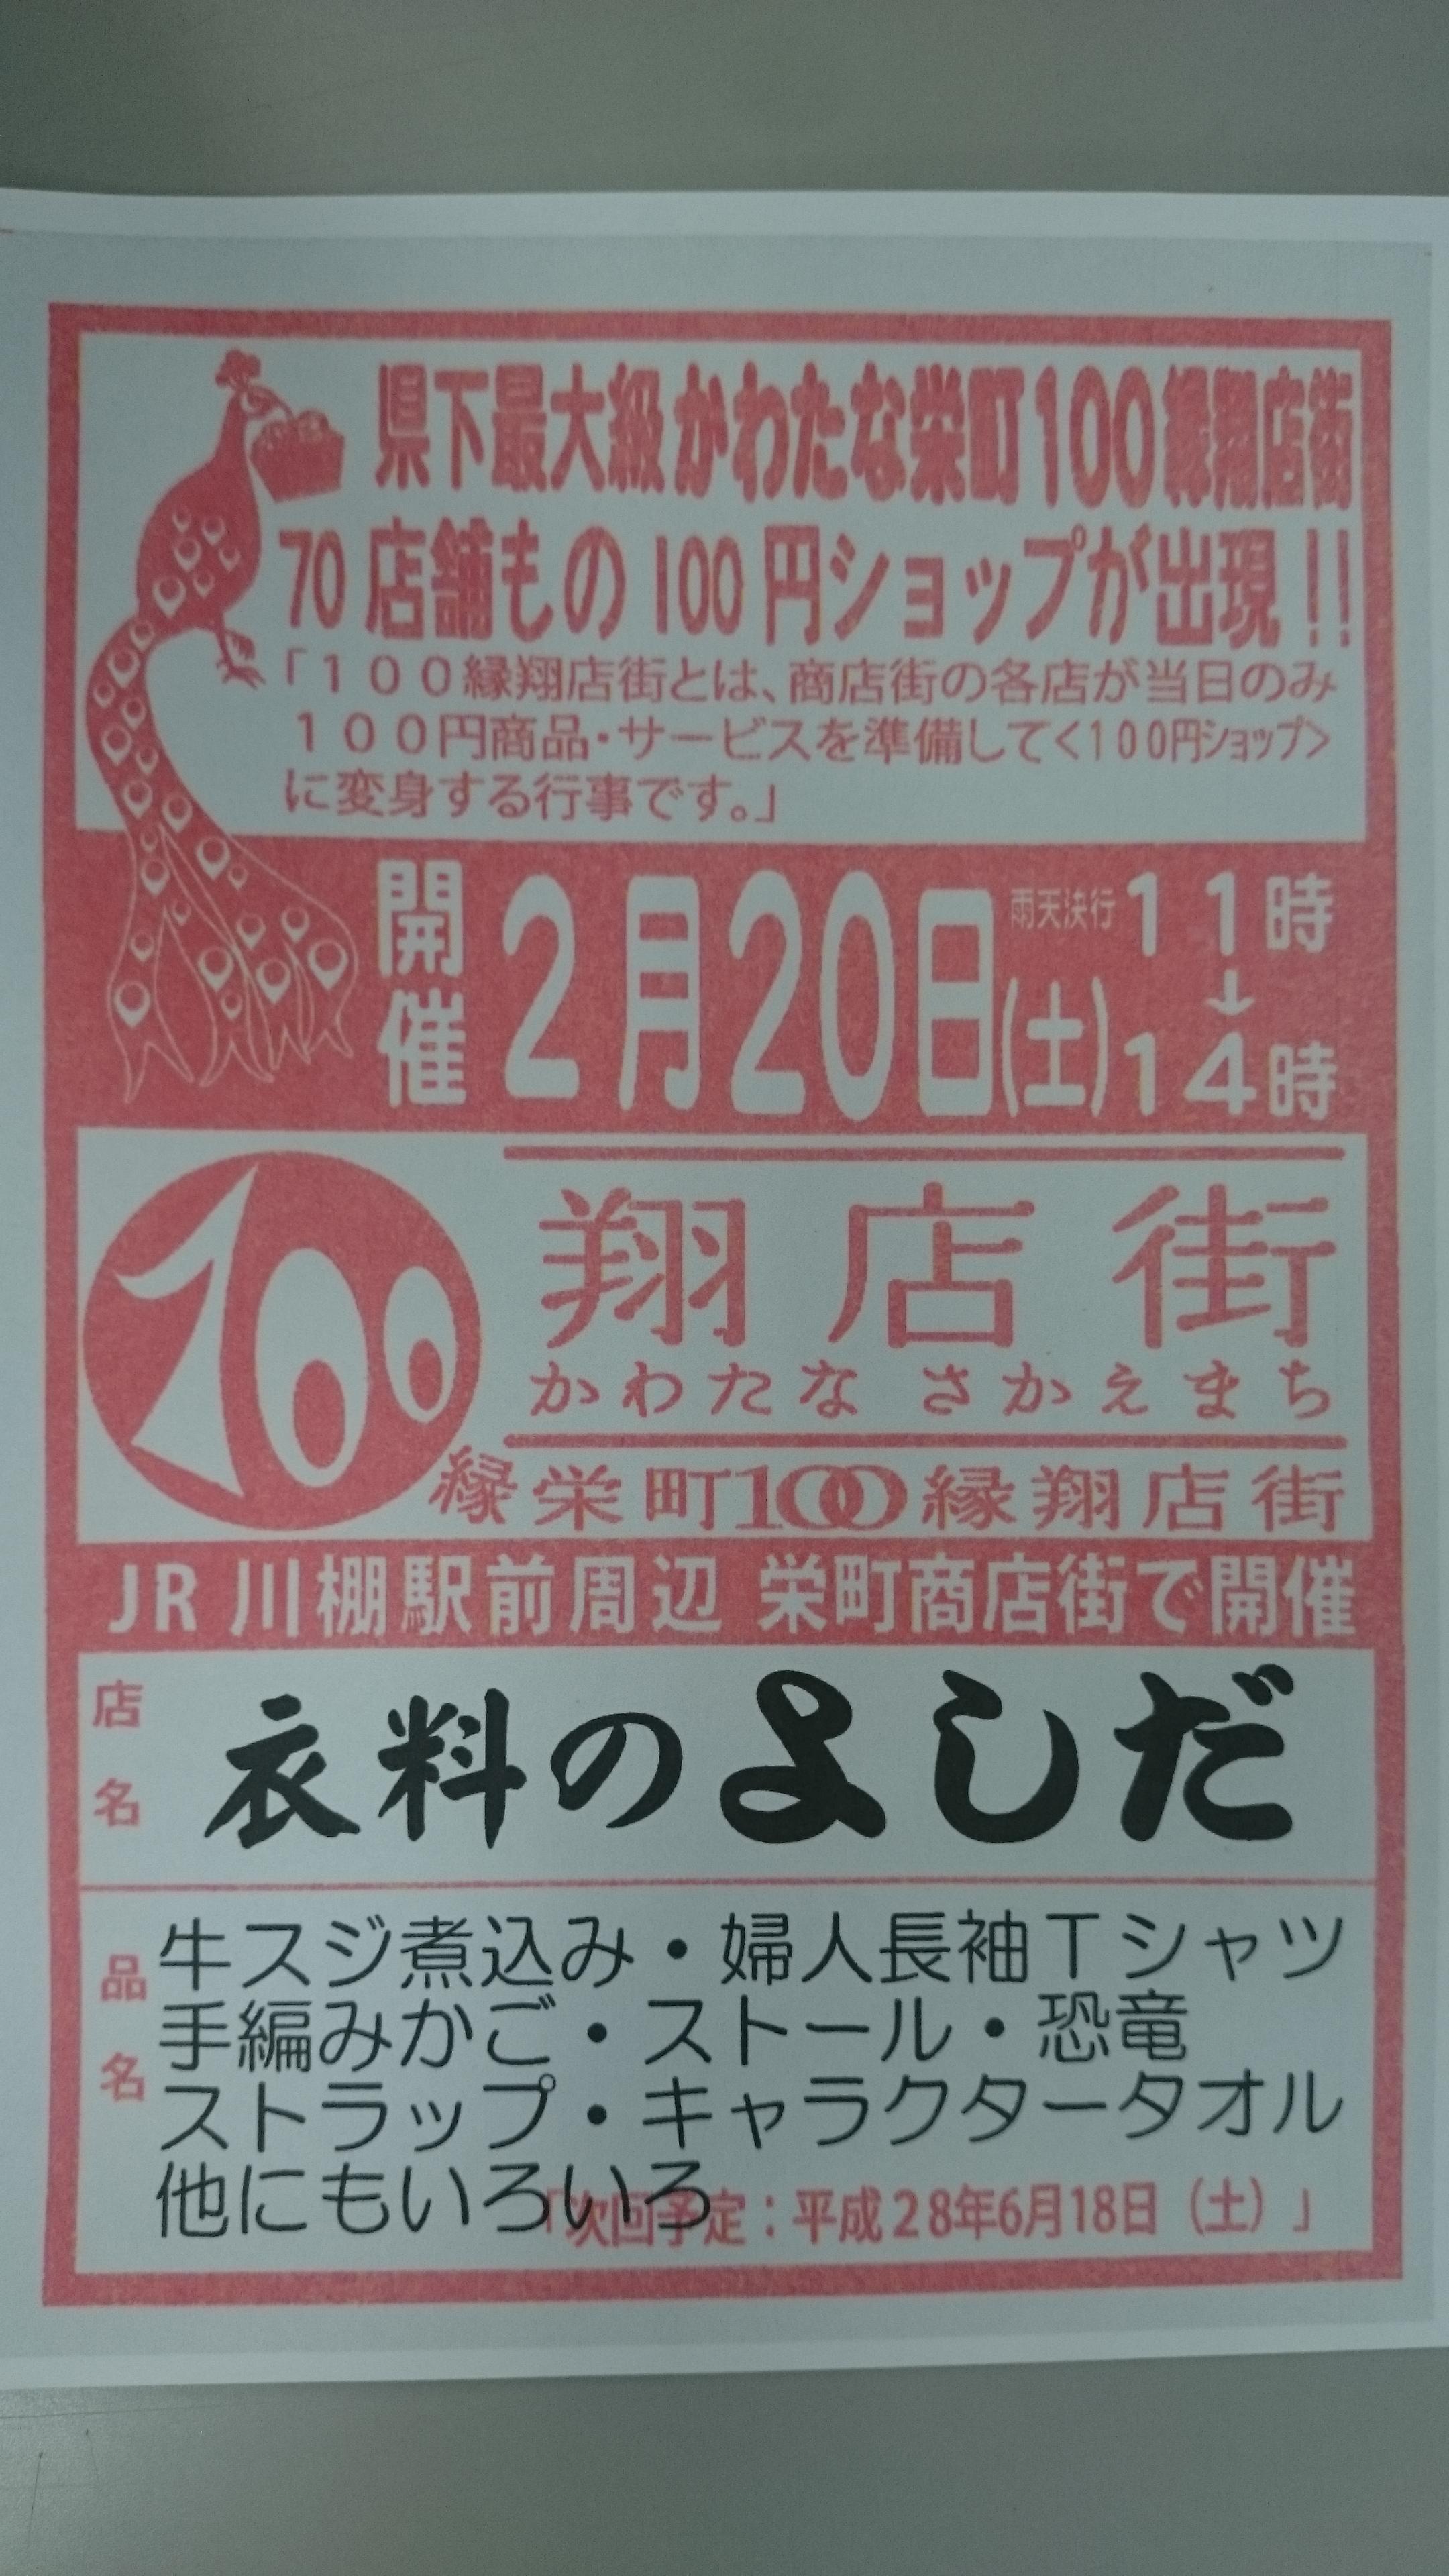 「衣料のよしだ」より、「かわたな栄町100縁翔店街」のお知らせです。